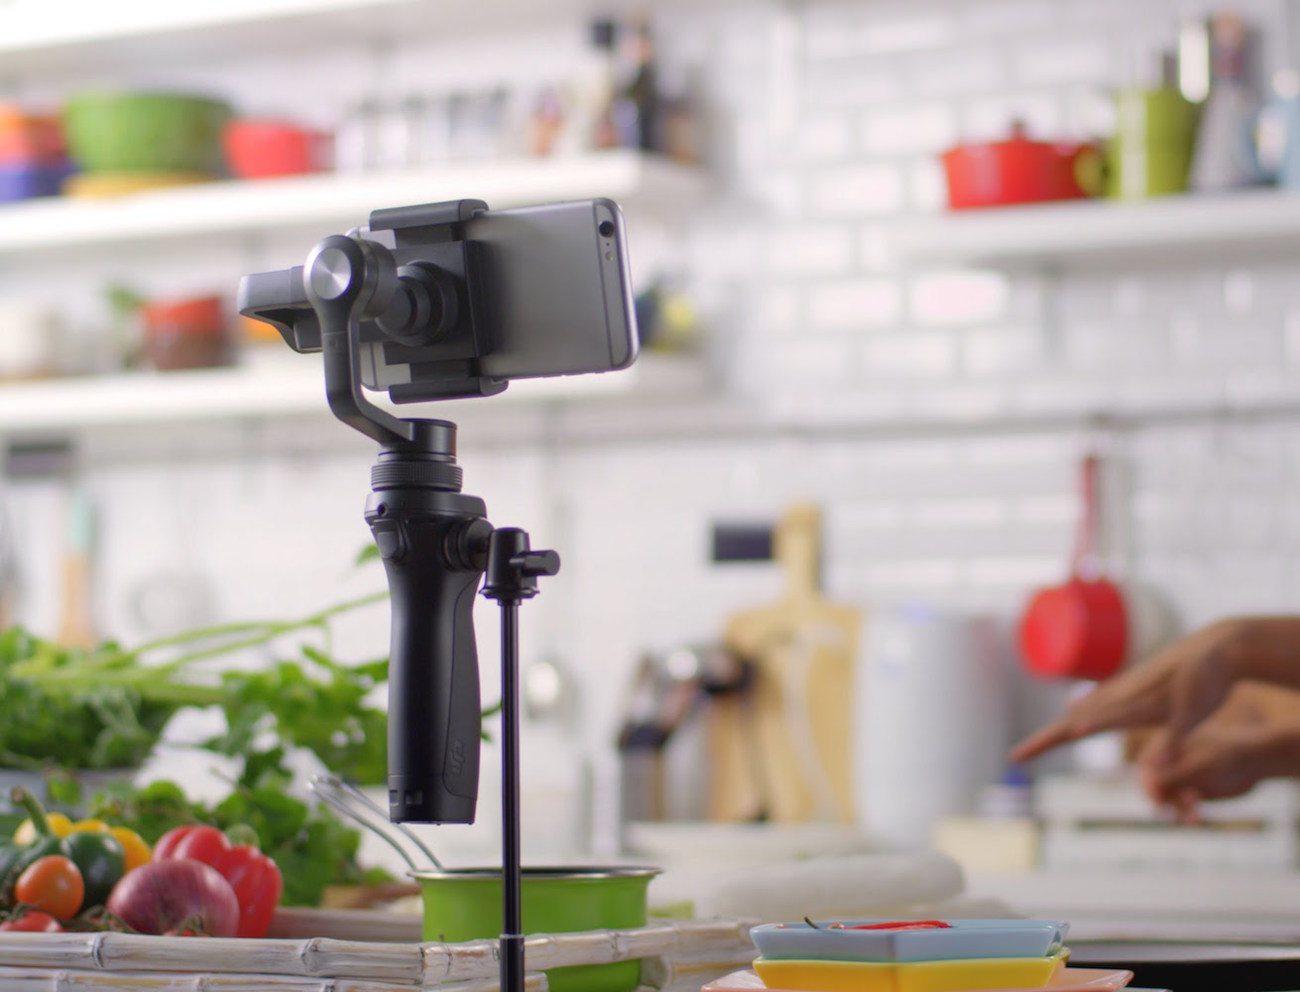 Dji Osmo Mobile Motion Camera Setup Gadget Flow Free Base